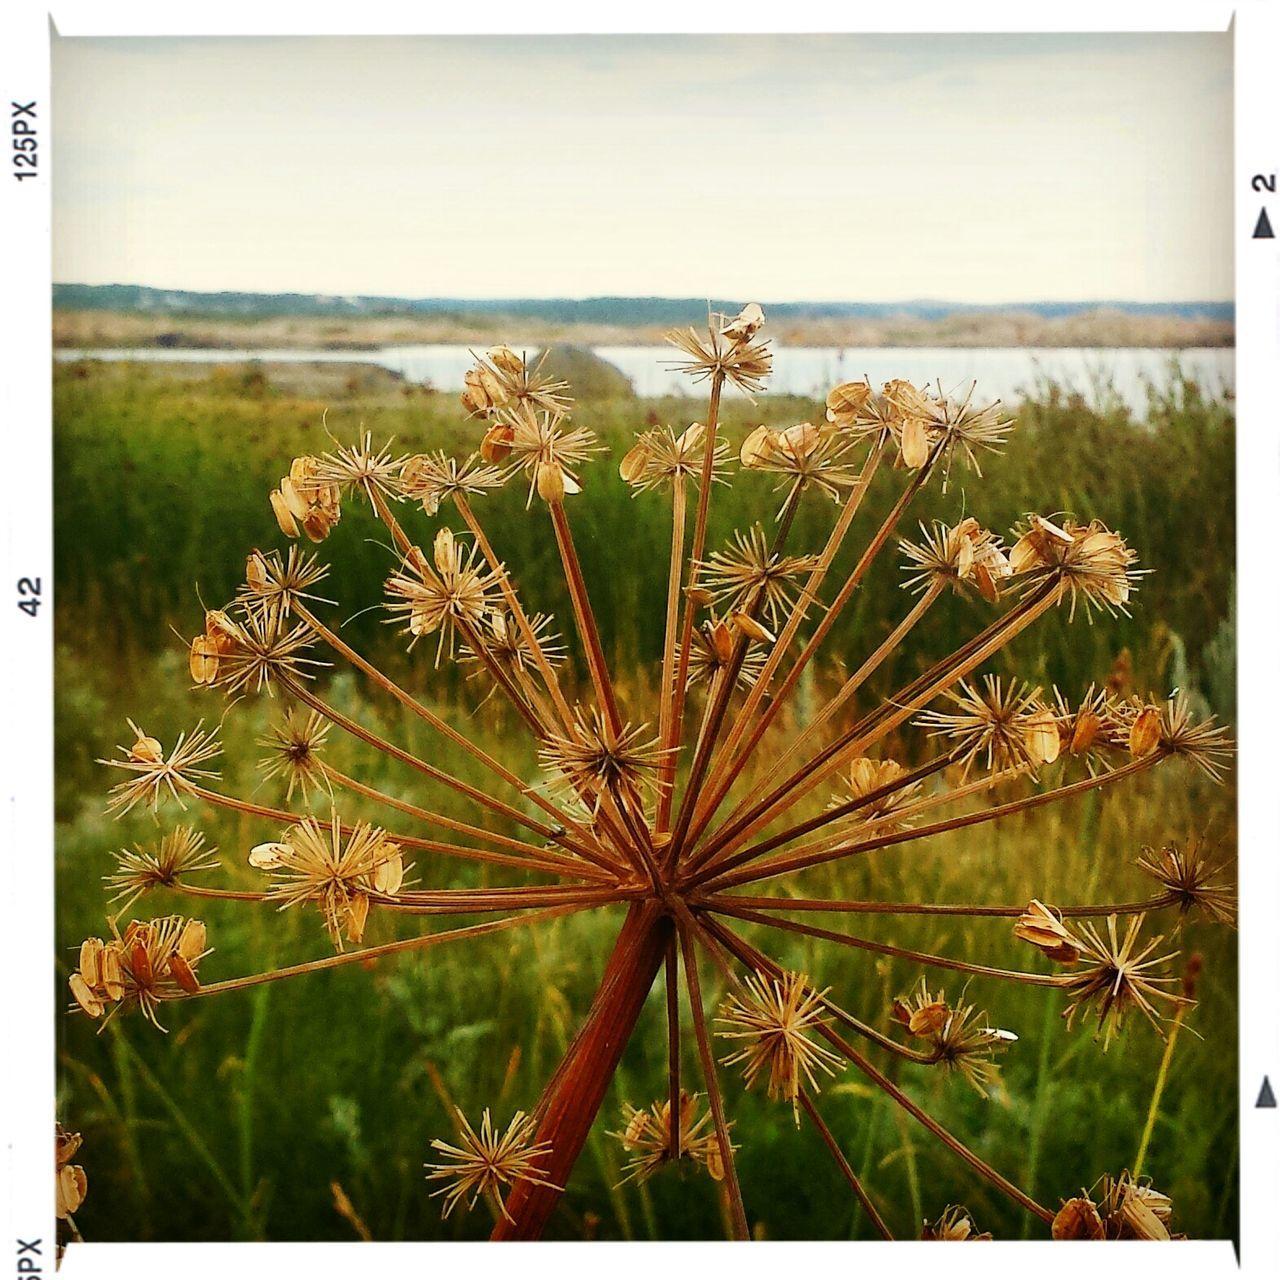 Dried flowers on field